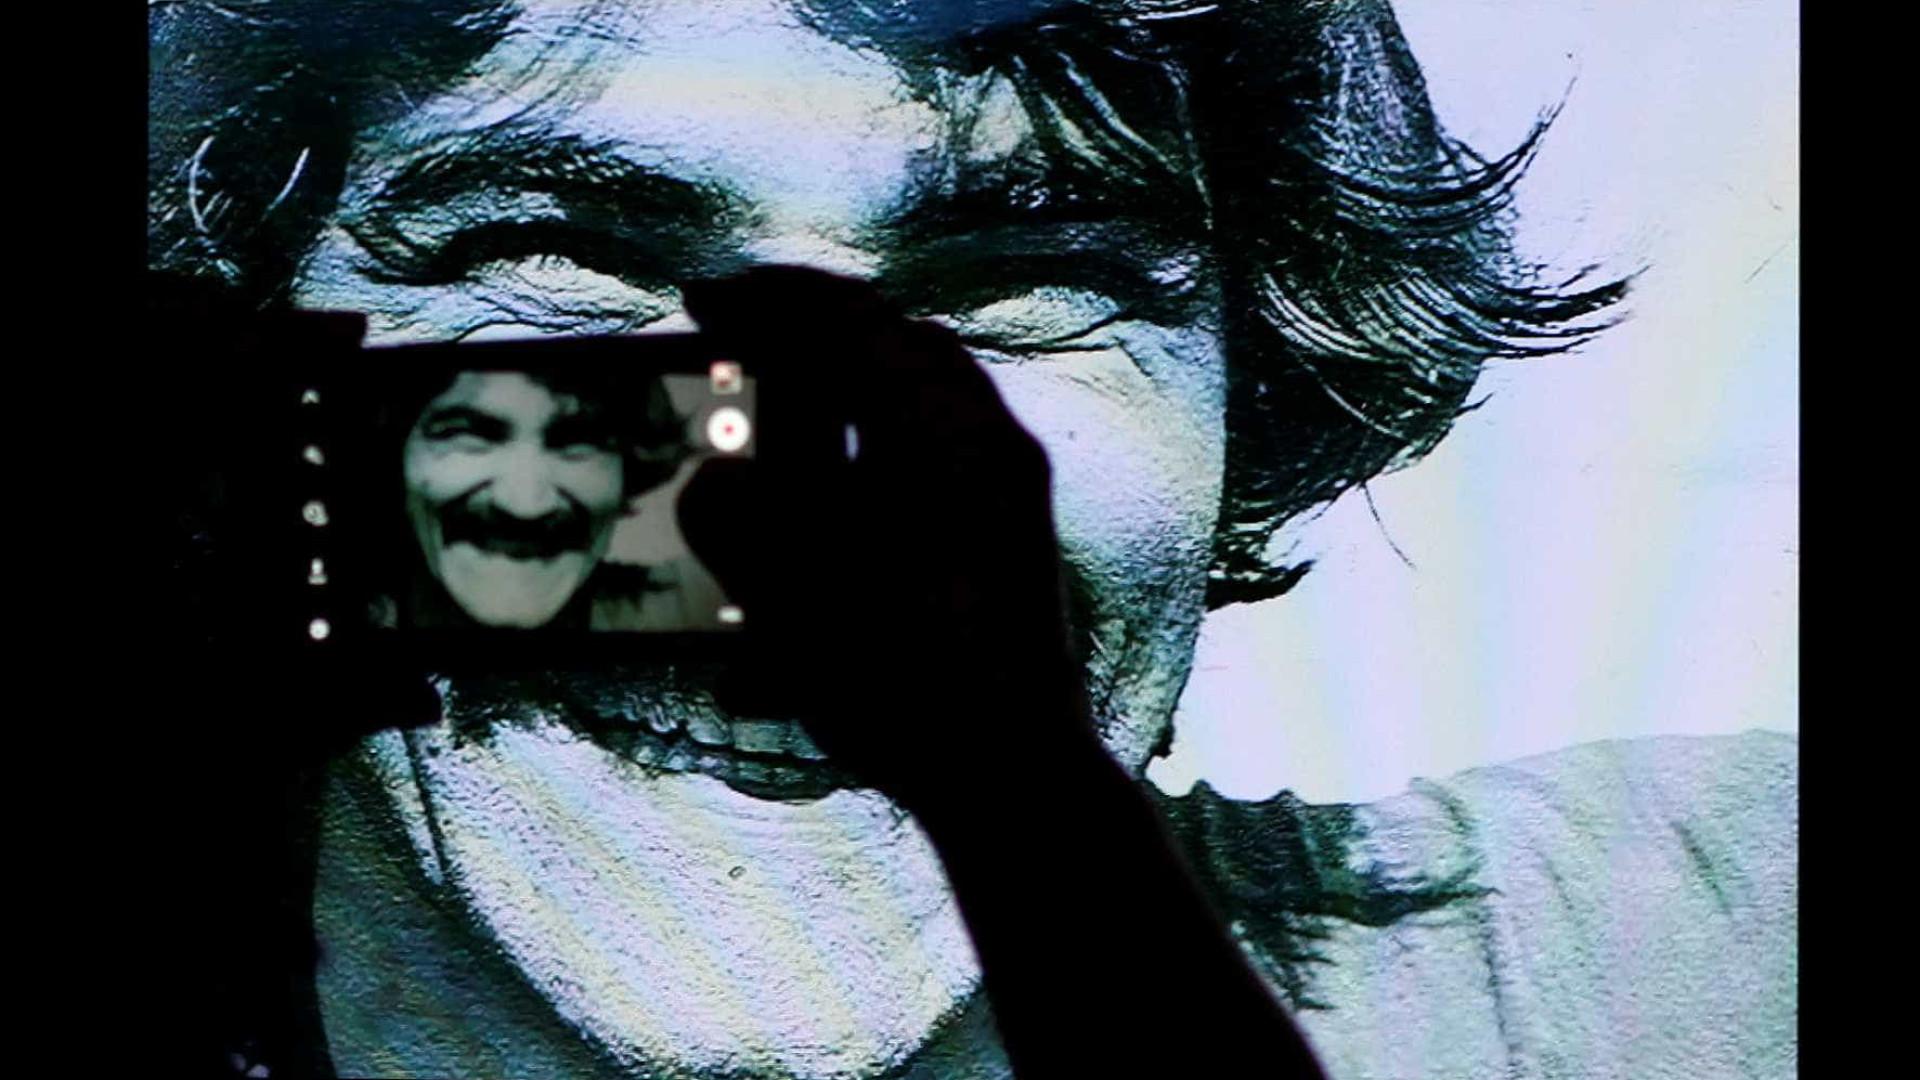 Pesquisador descobre sete músicas inéditas de Belchior em arquivos da ditadura